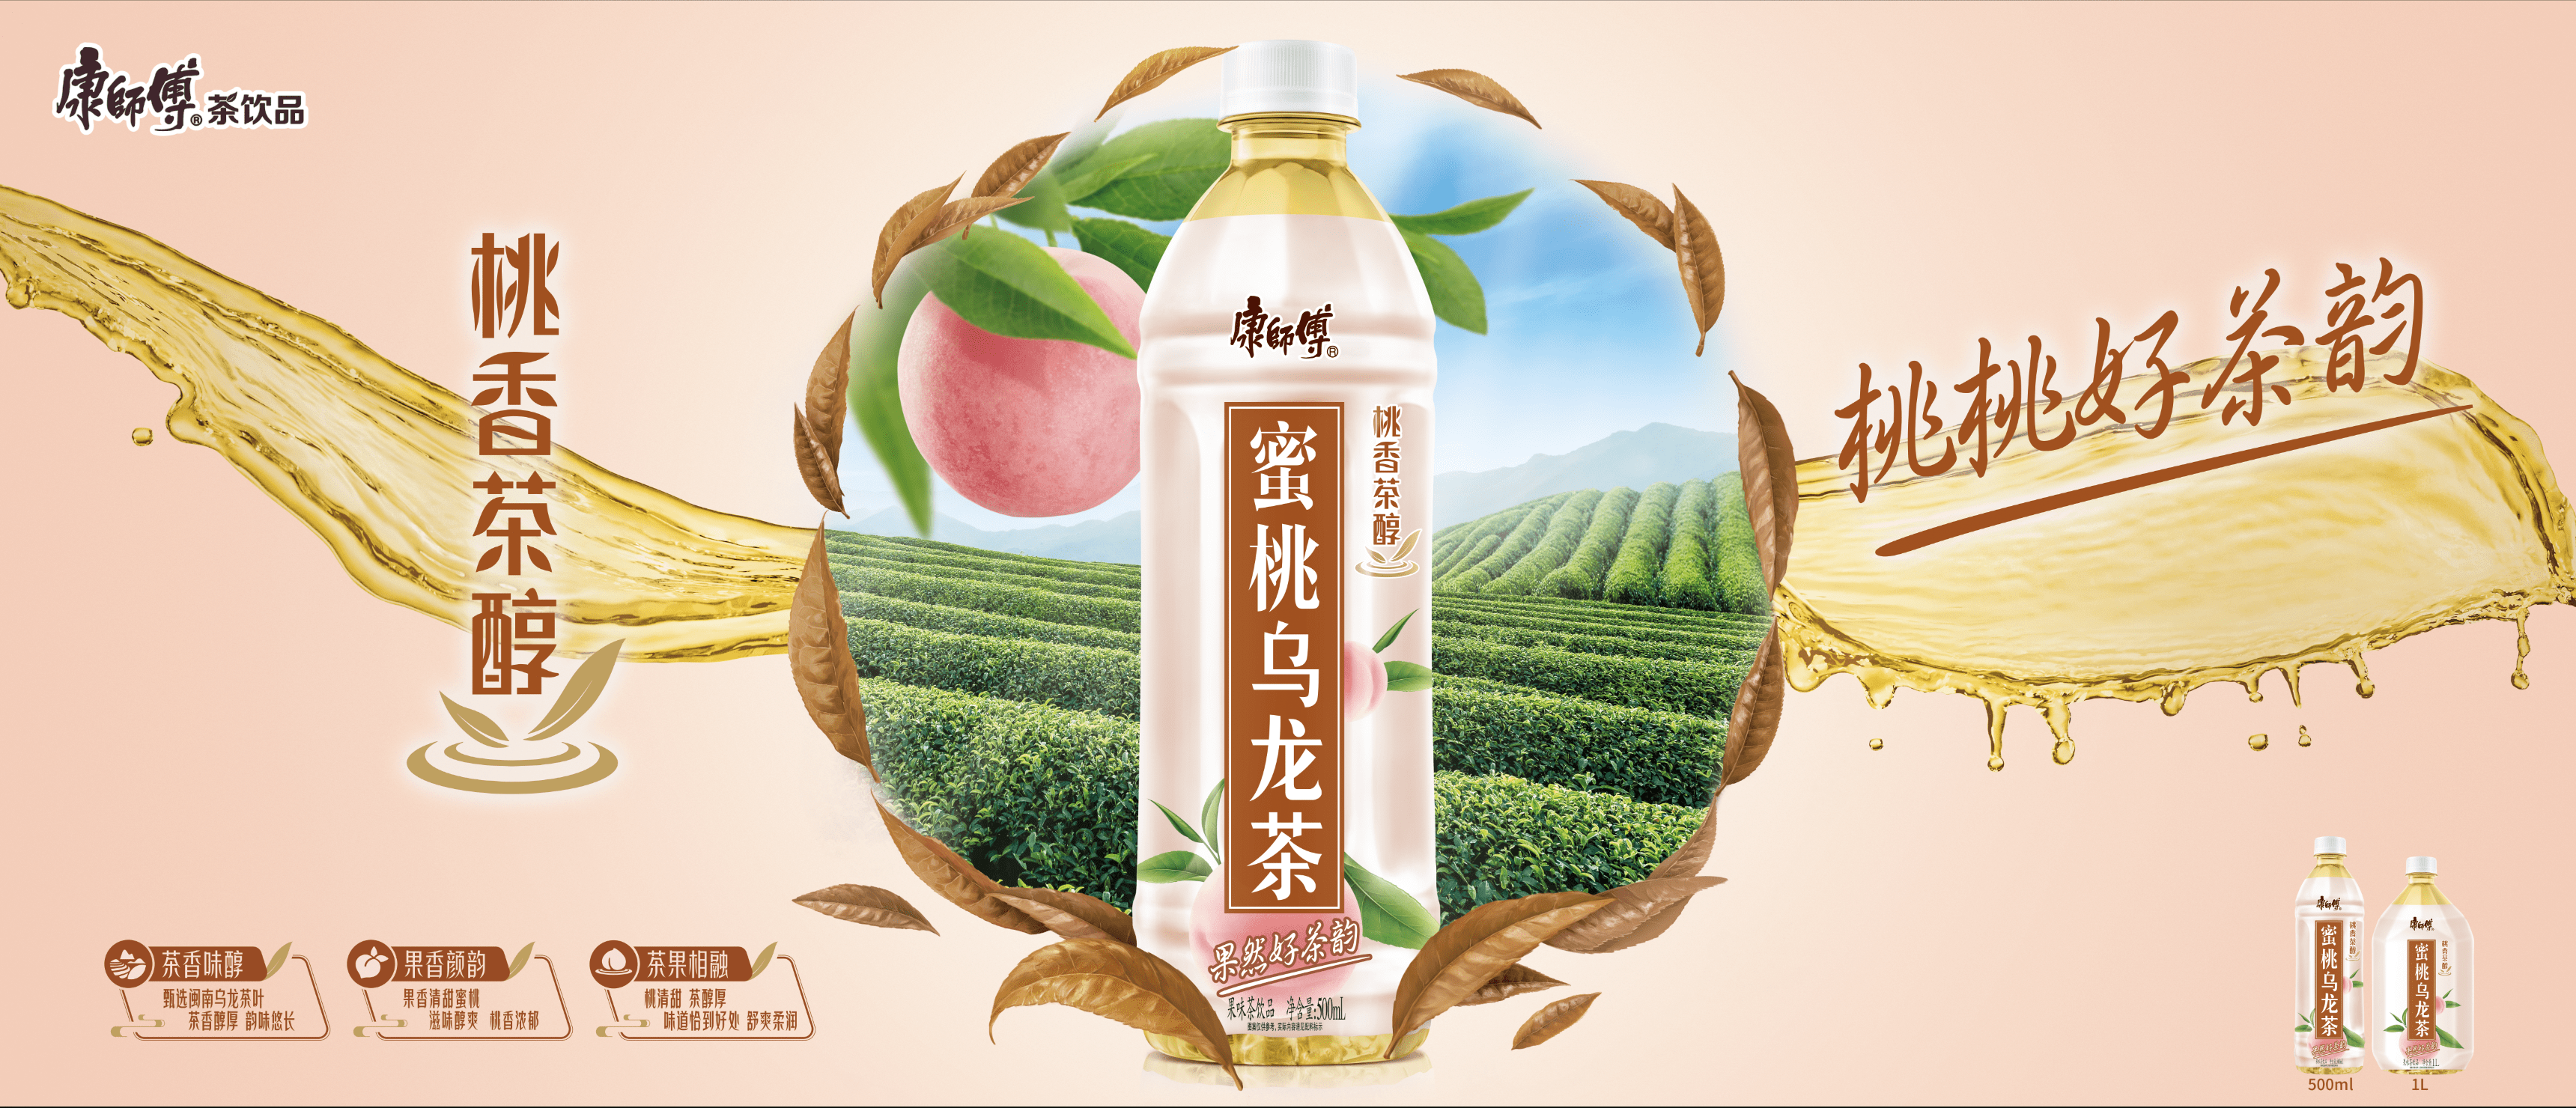 """康师傅饮品再发力乌龙茶市场,乌龙茶""""最强兄弟""""全新上市 图3"""